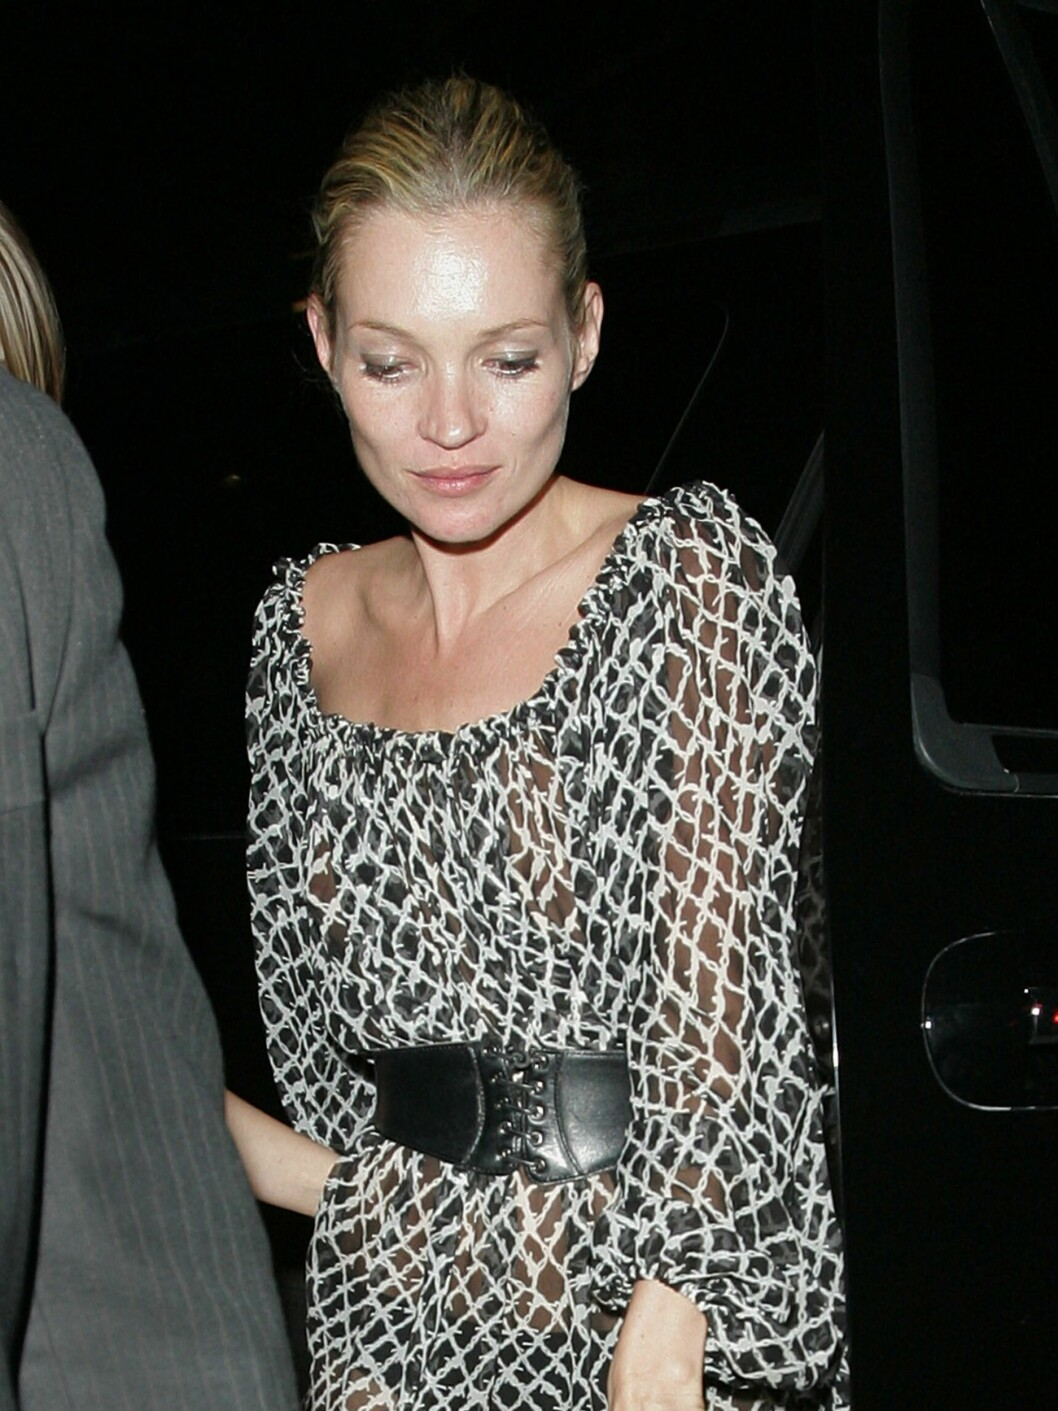 Slik er den virkelige Kate Moss - kate moss